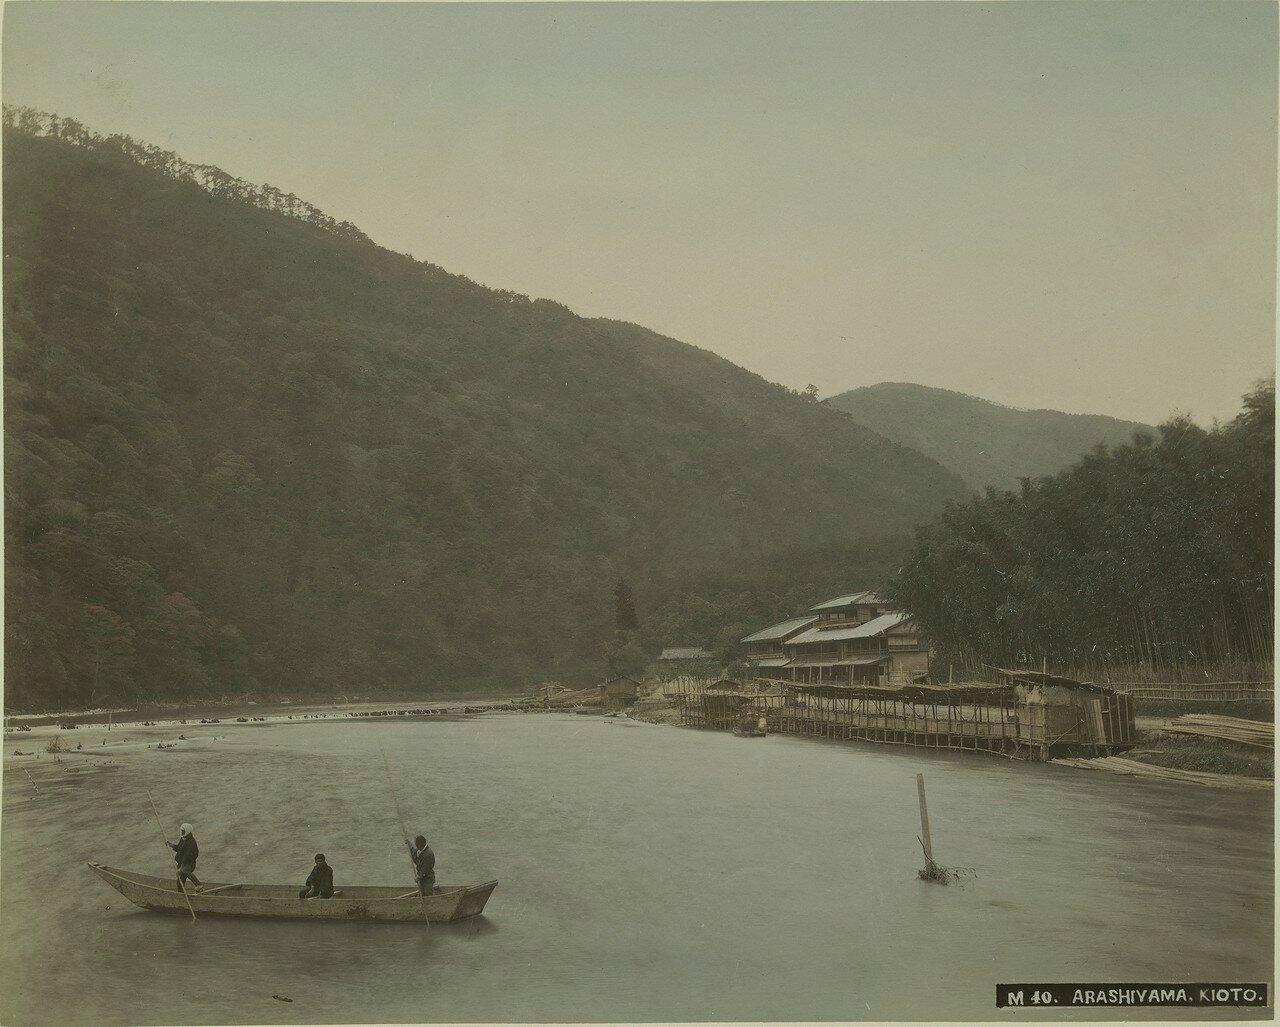 Киото. Арашияма